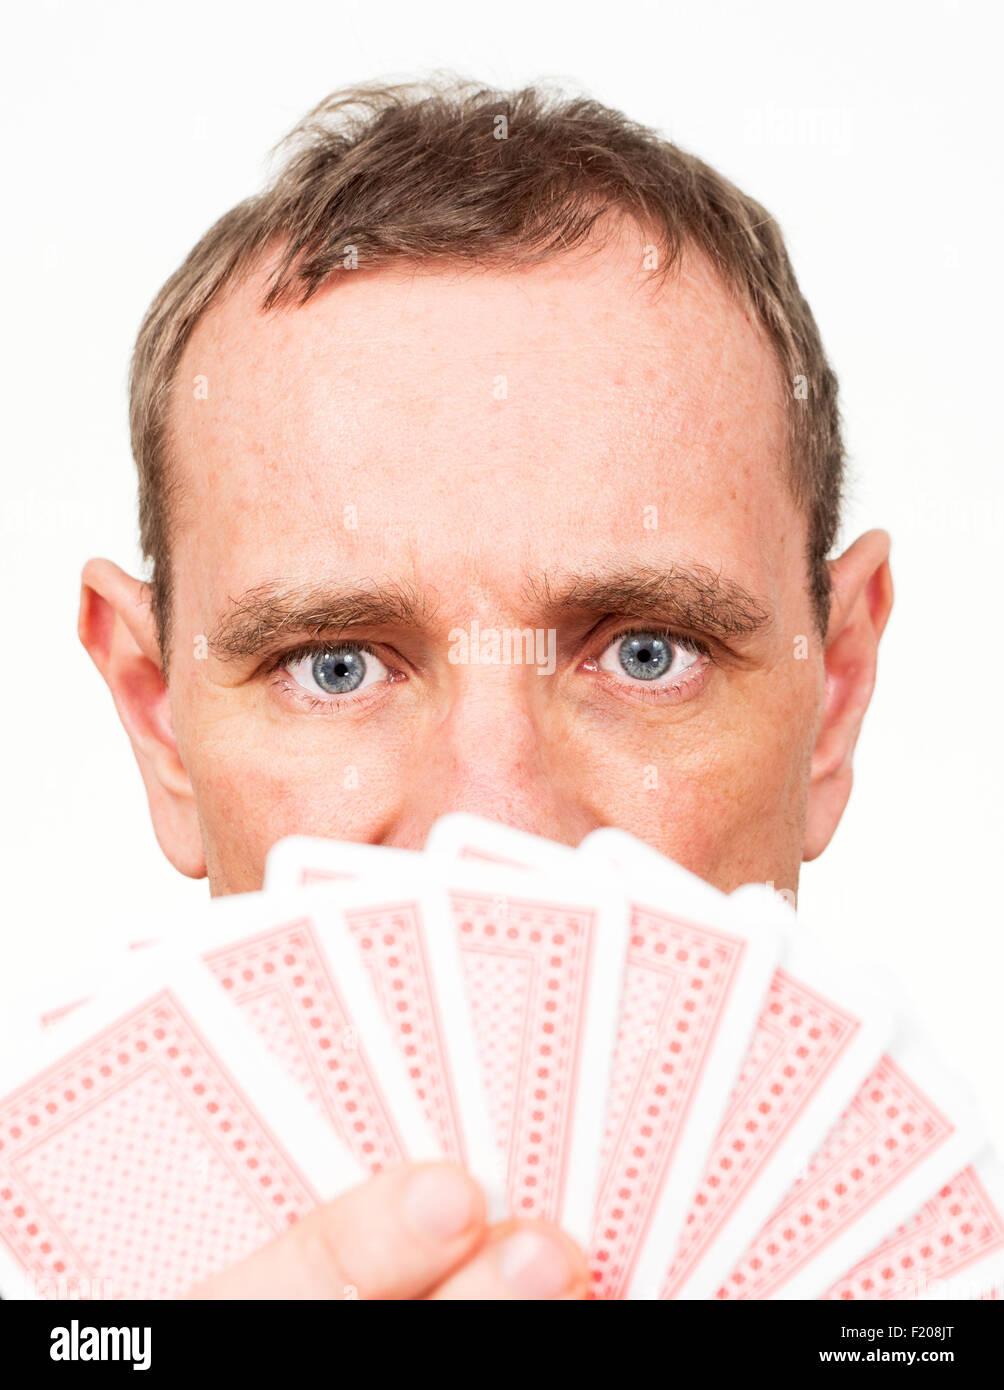 Mann mit Karten - Stock Image